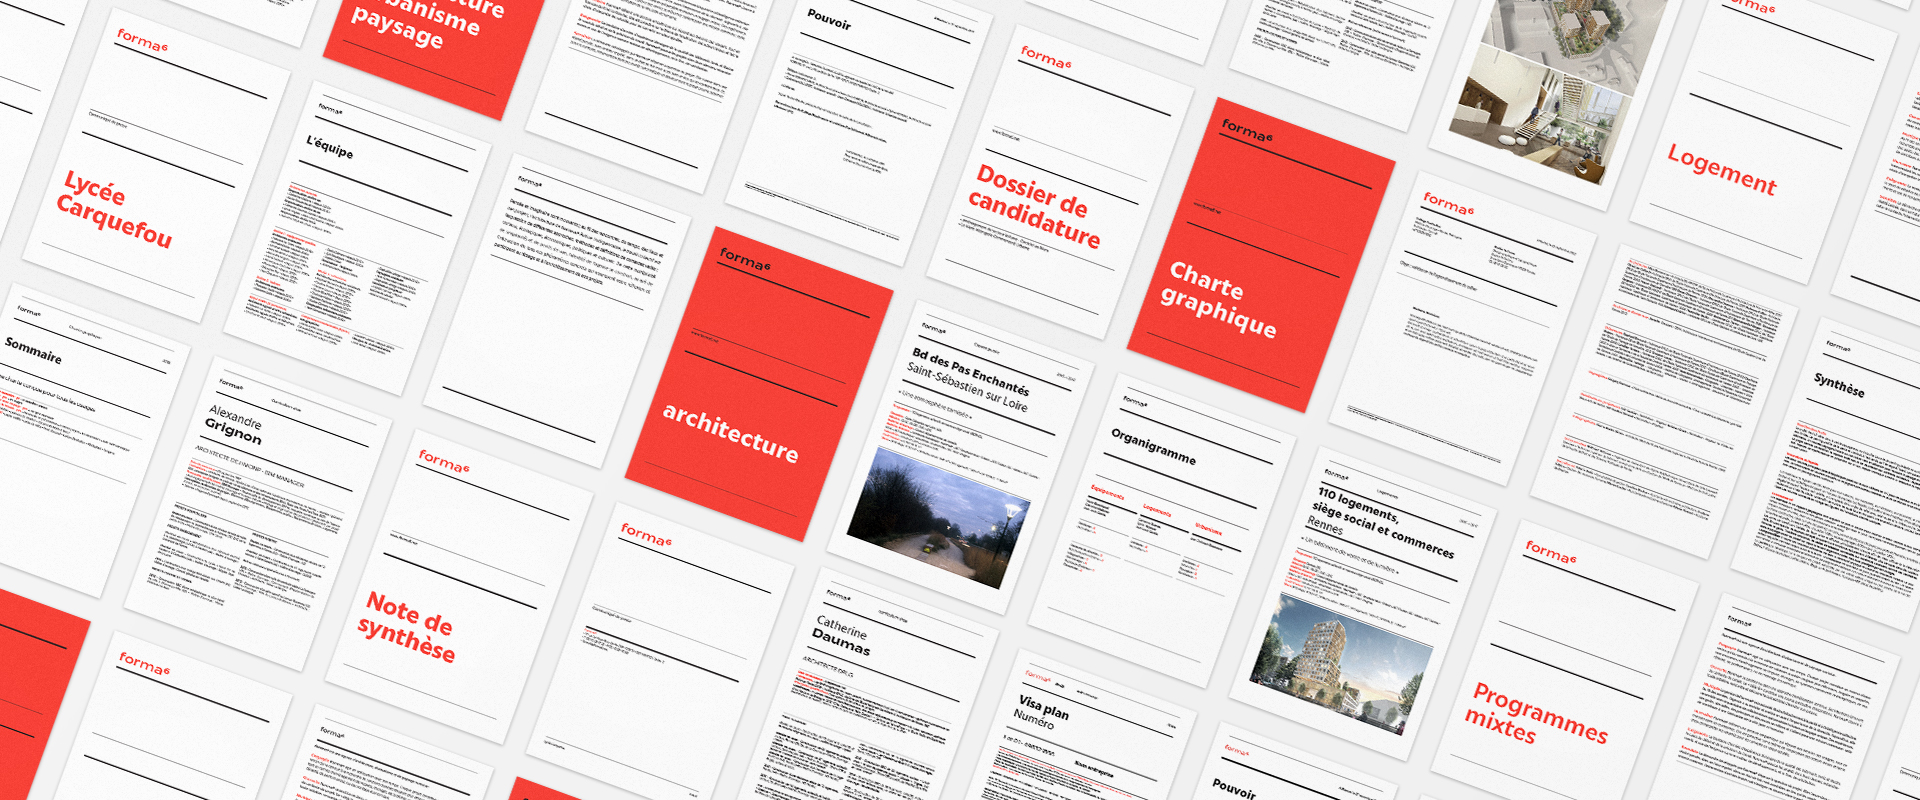 Schéma montrant les différentes mise en page A4